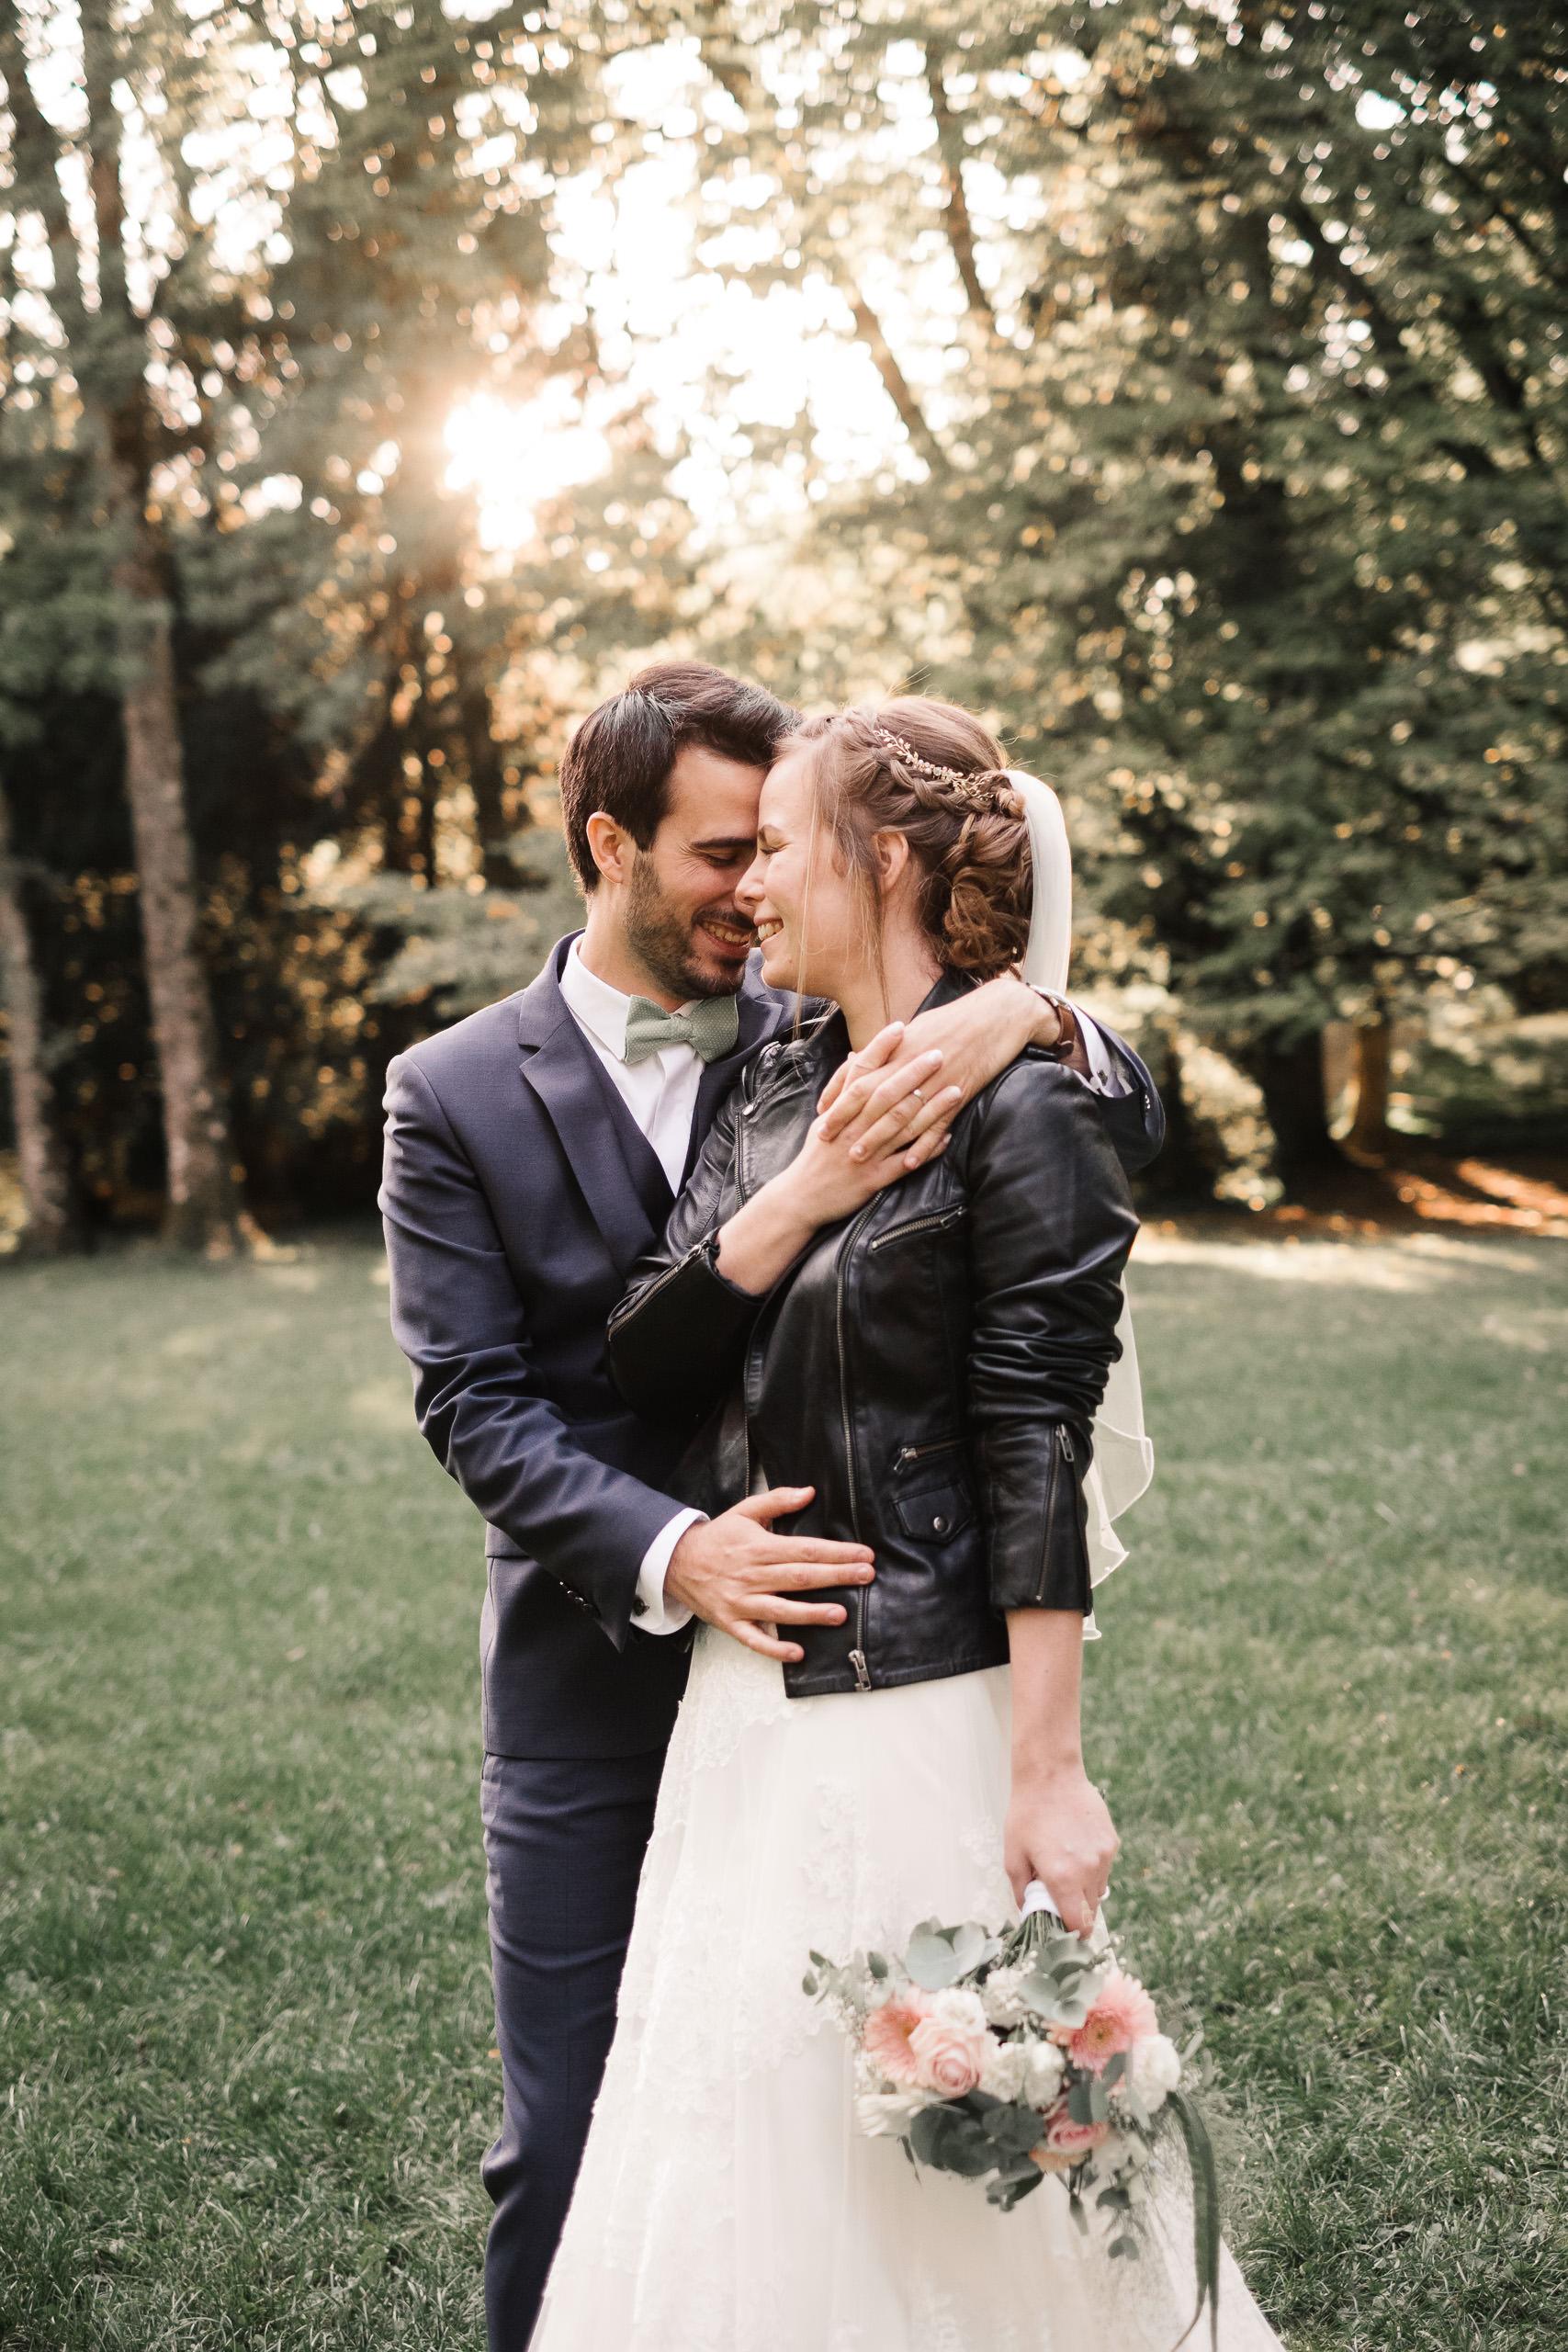 Mariage à Chambéry - Séance photo de couple -Lucile & Florent